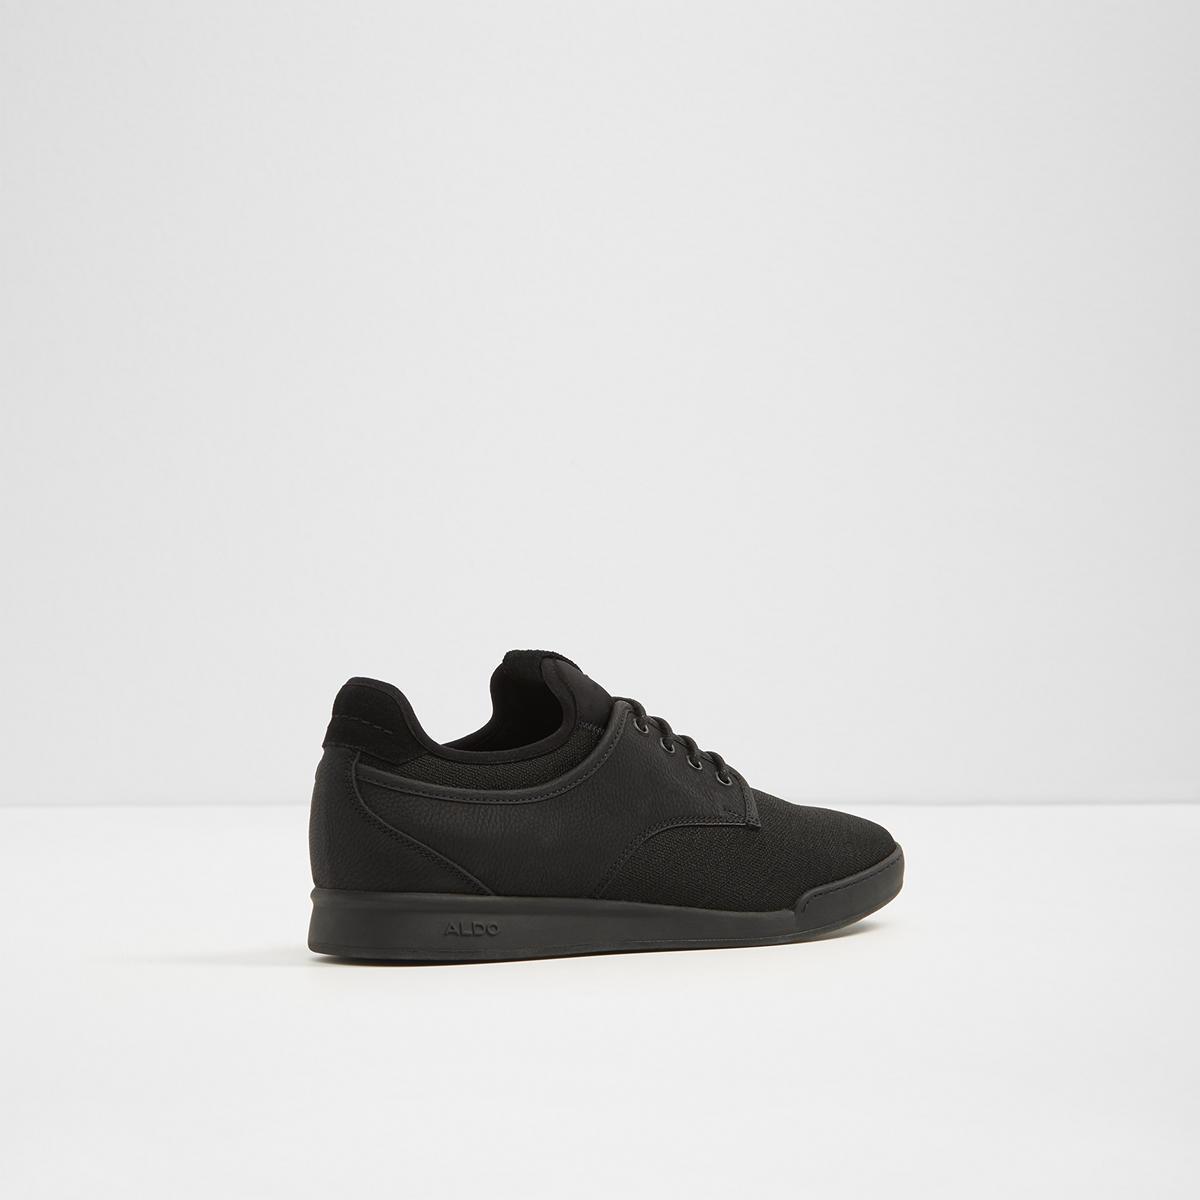 Aldo Presure sneaker AvQlPJHI